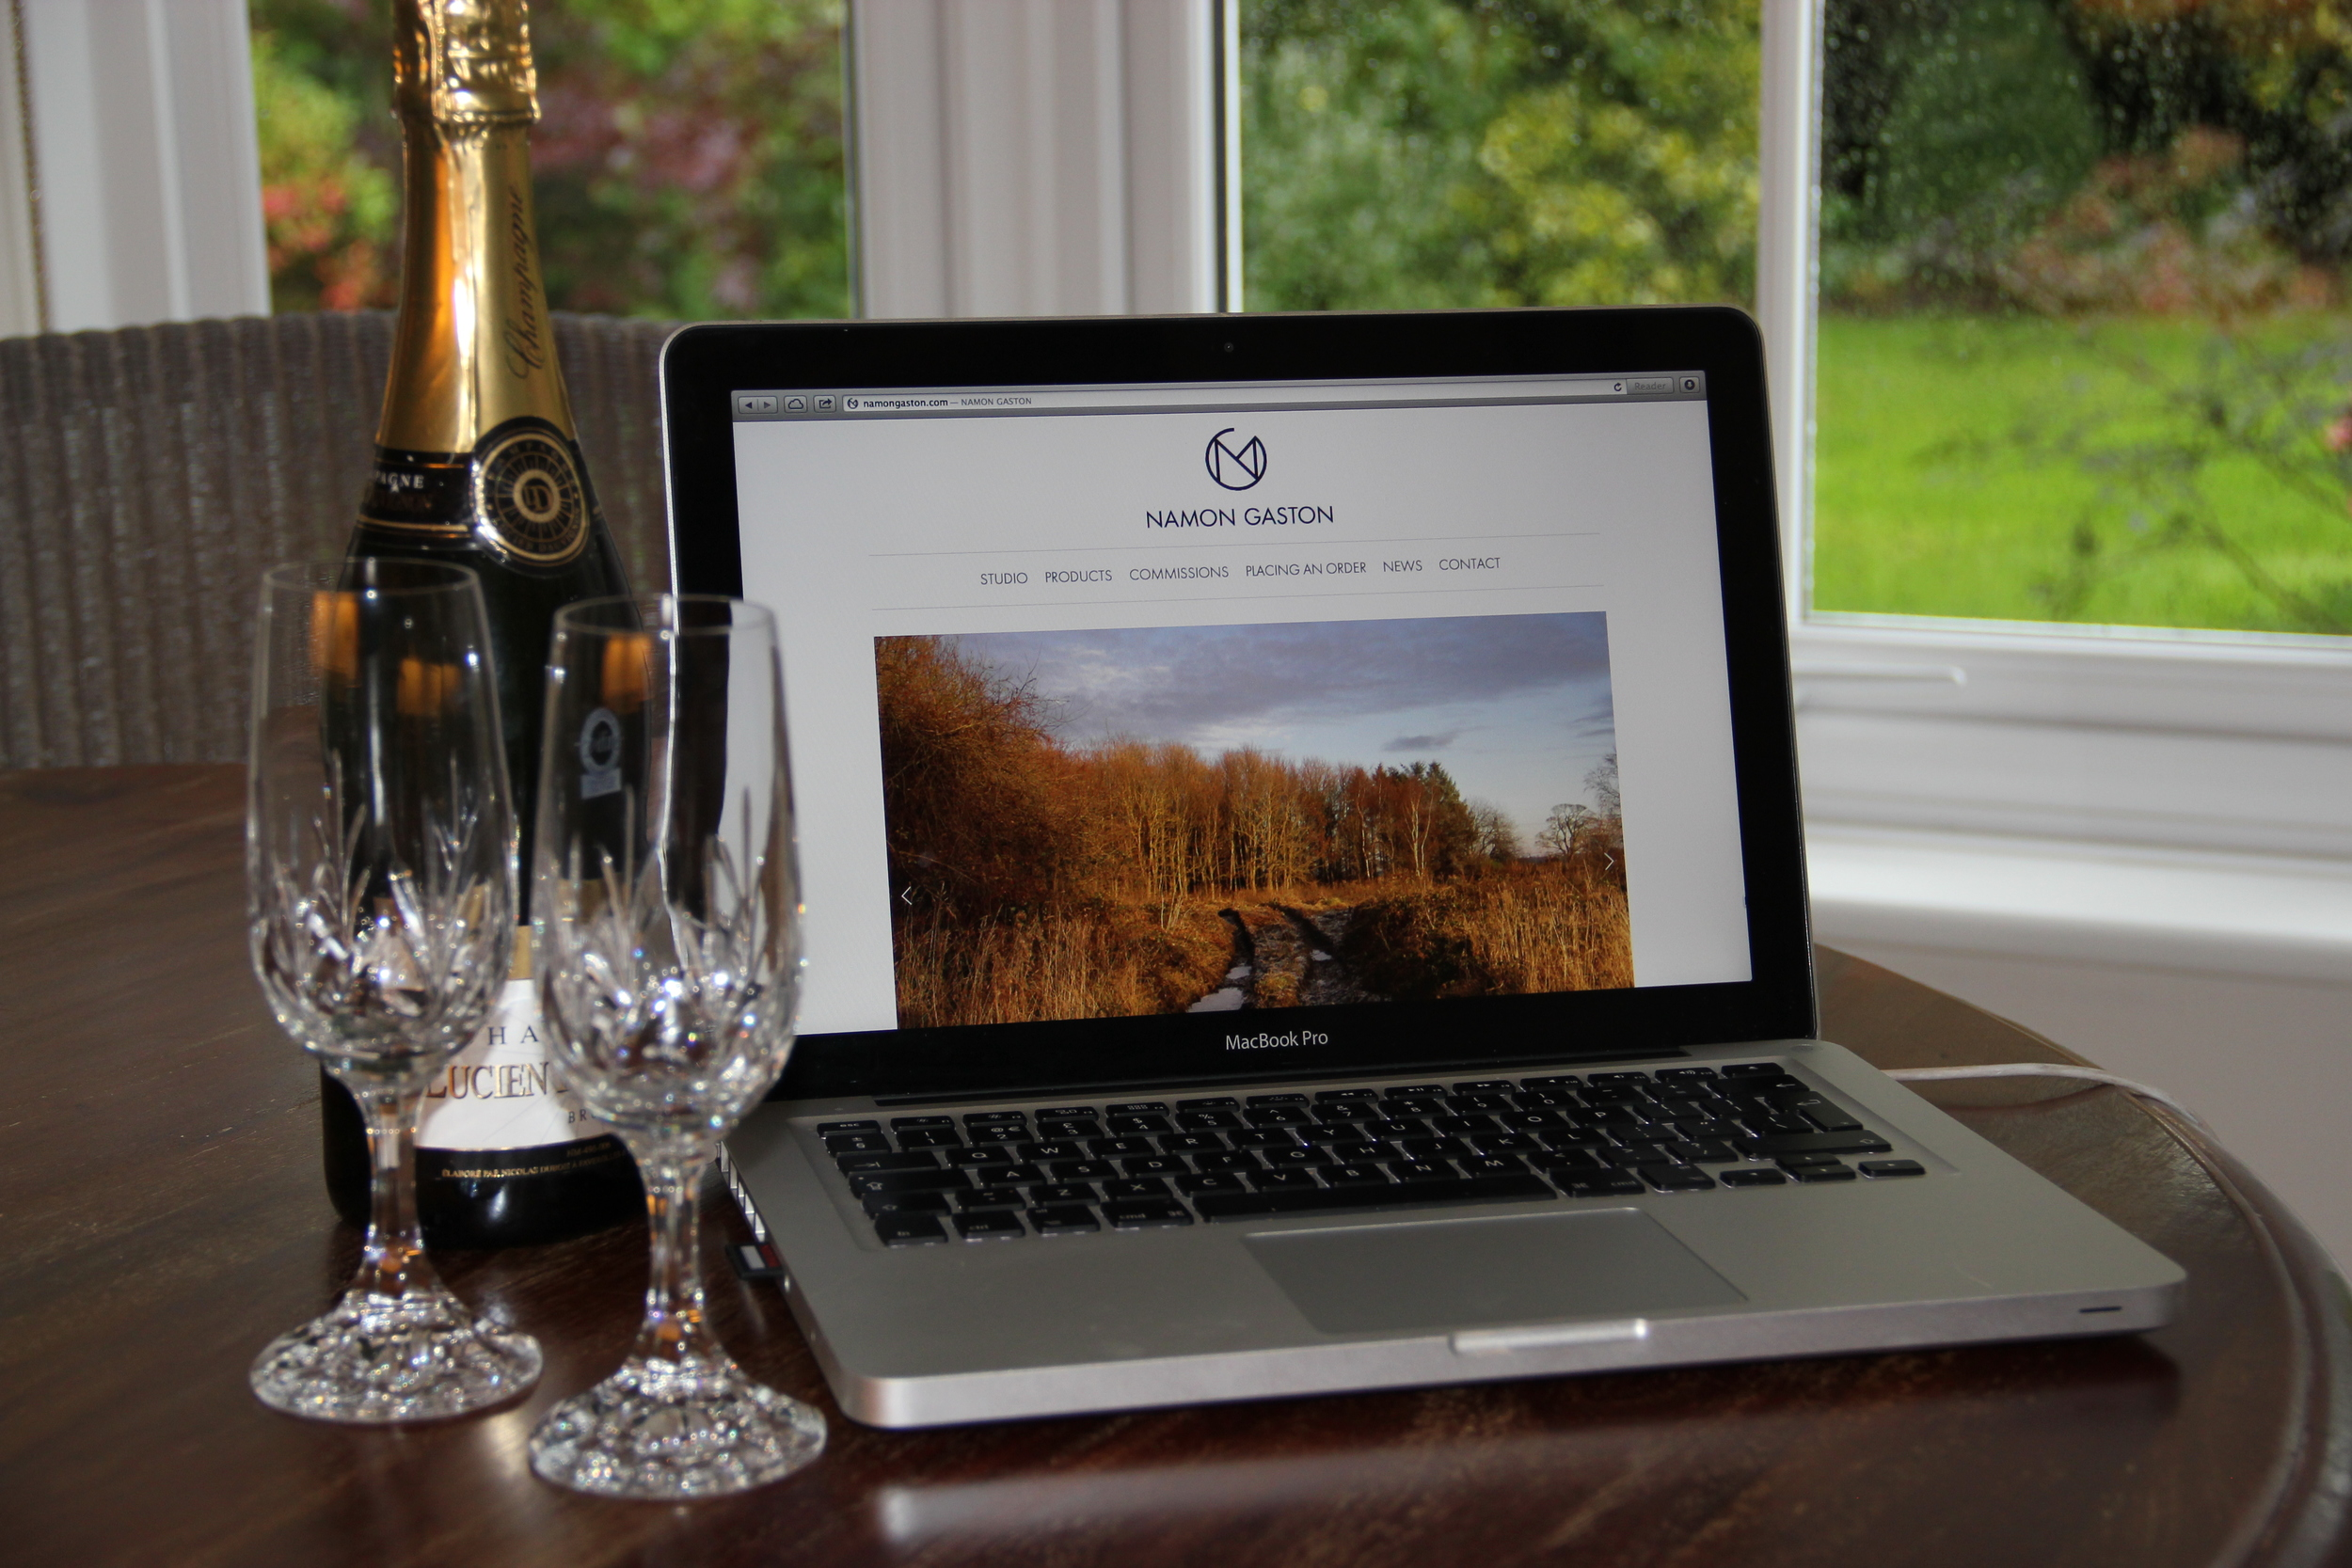 furniture designer maker launched new website for custom bespoke commission work